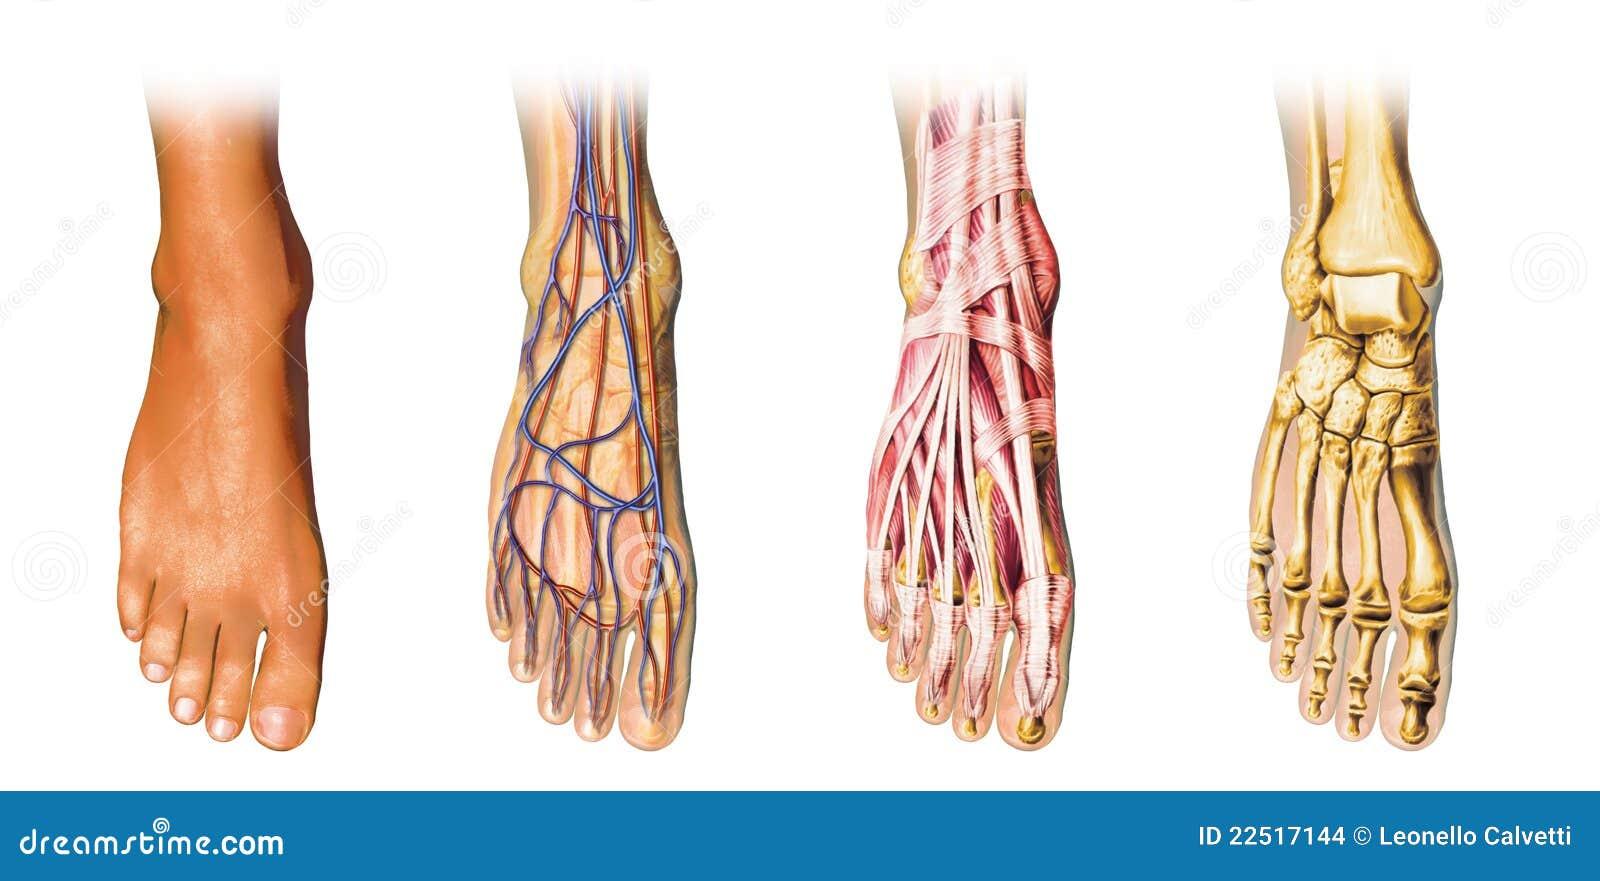 Representación Del Corte De La Anatomía Del Pie Humano. Stock de ...